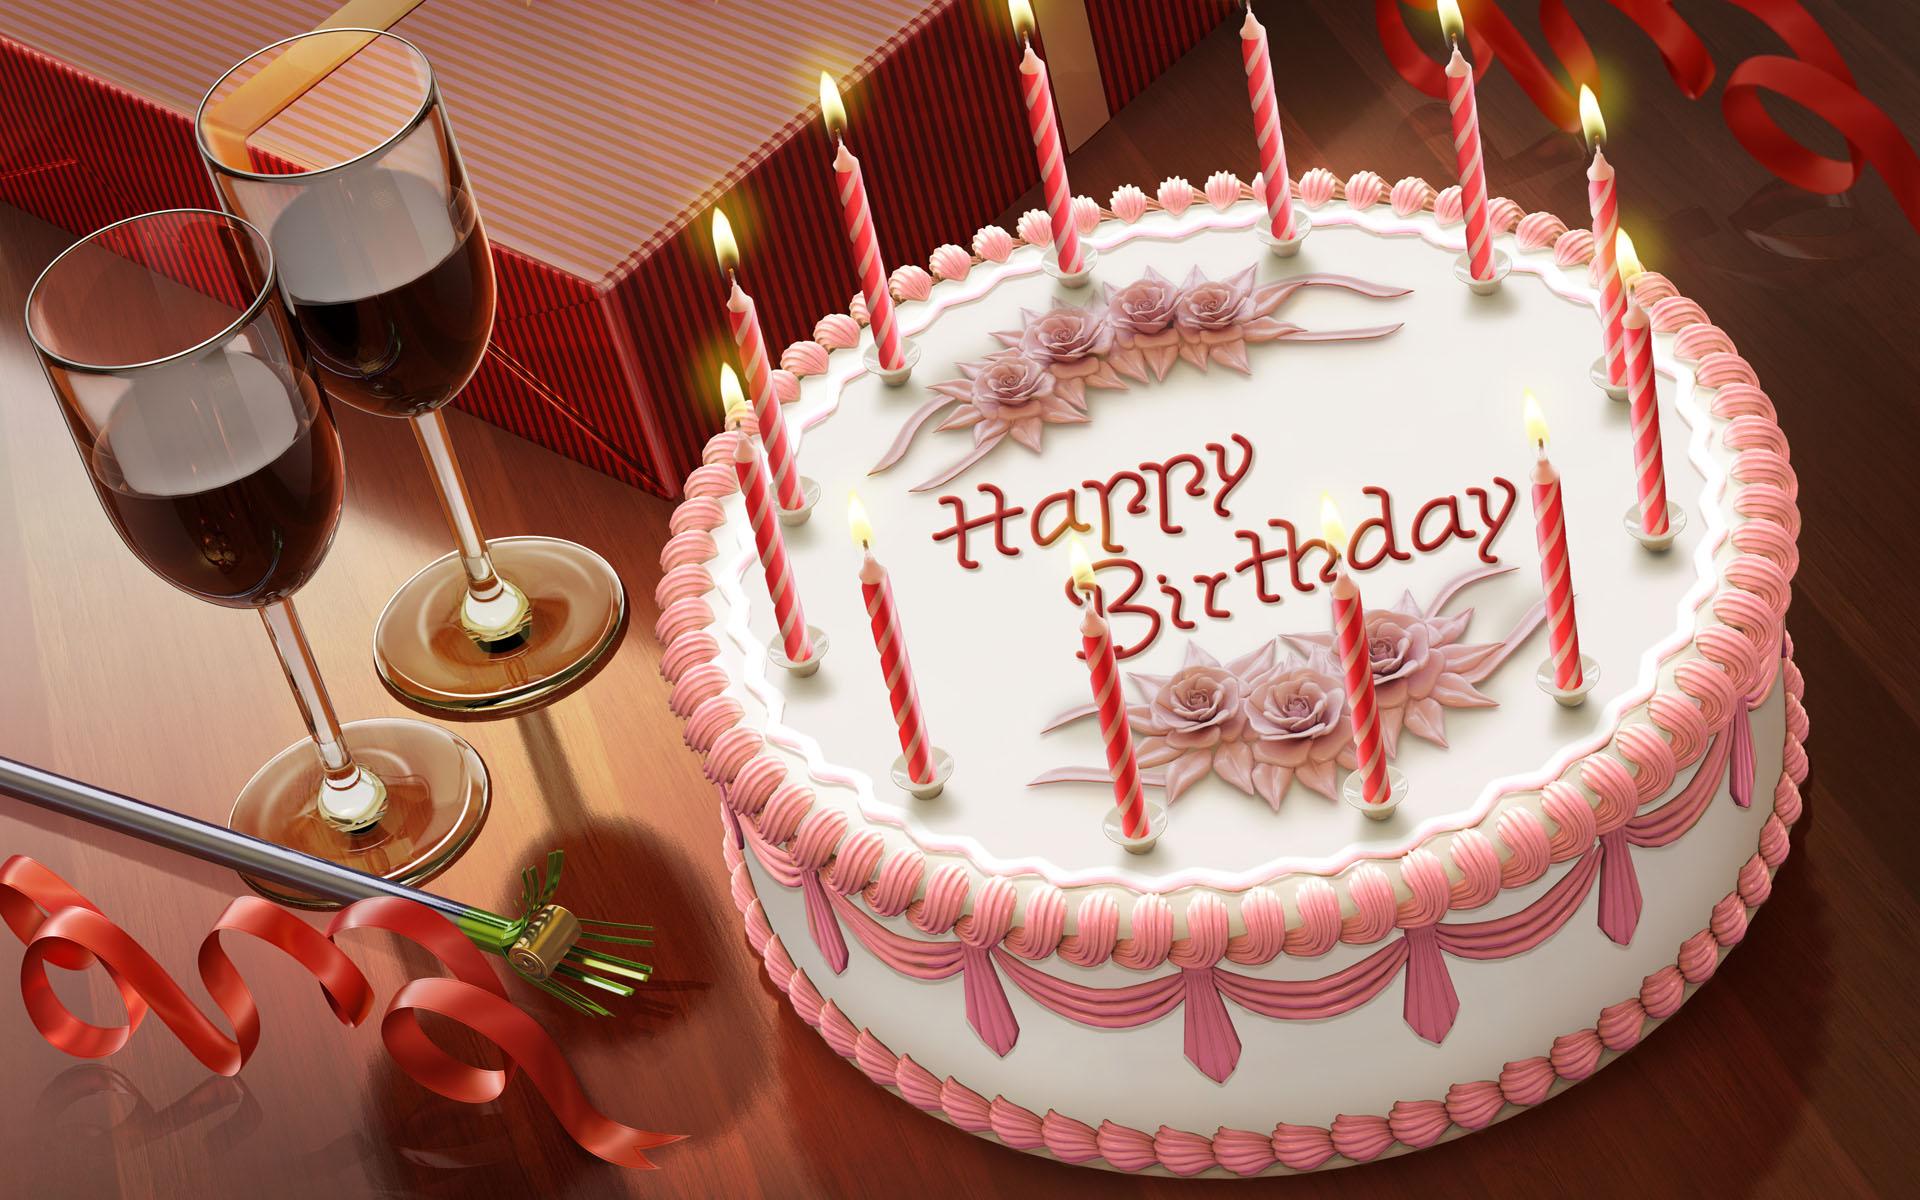 5000 happy birthday wishes birthday images birthday messages happy birthday wishes kristyandbryce Images